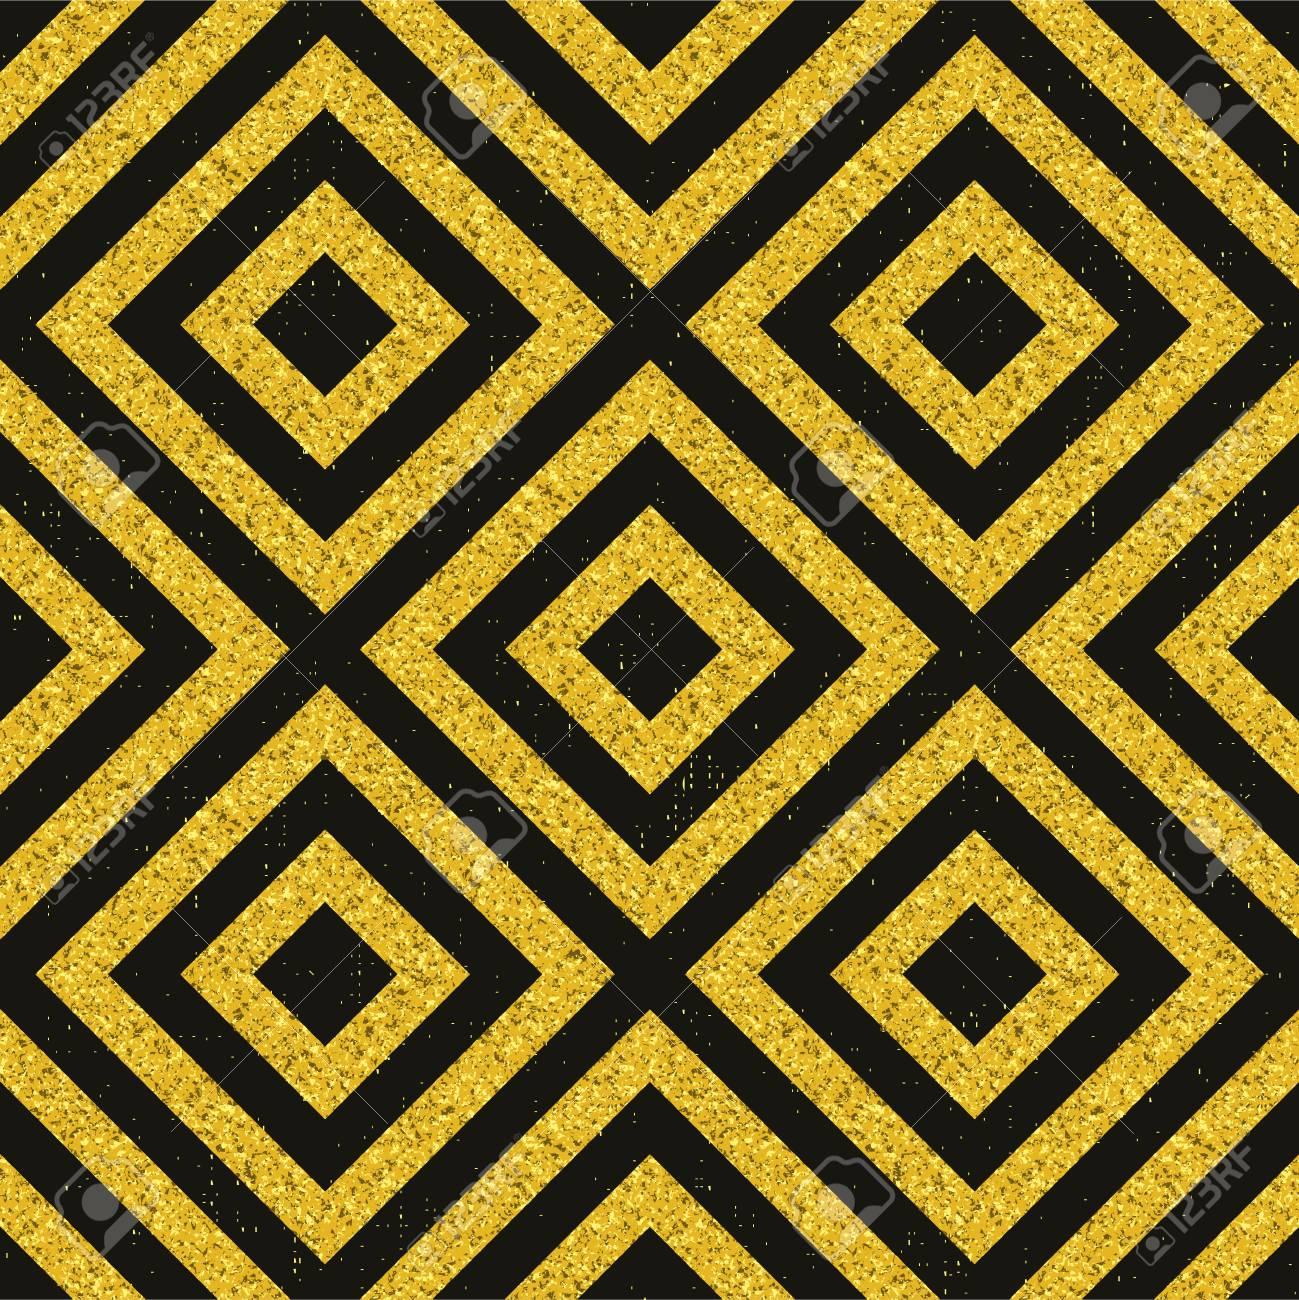 Motif Dore Texture De Paillettes Geometriques Sur Carrelage Noir Et